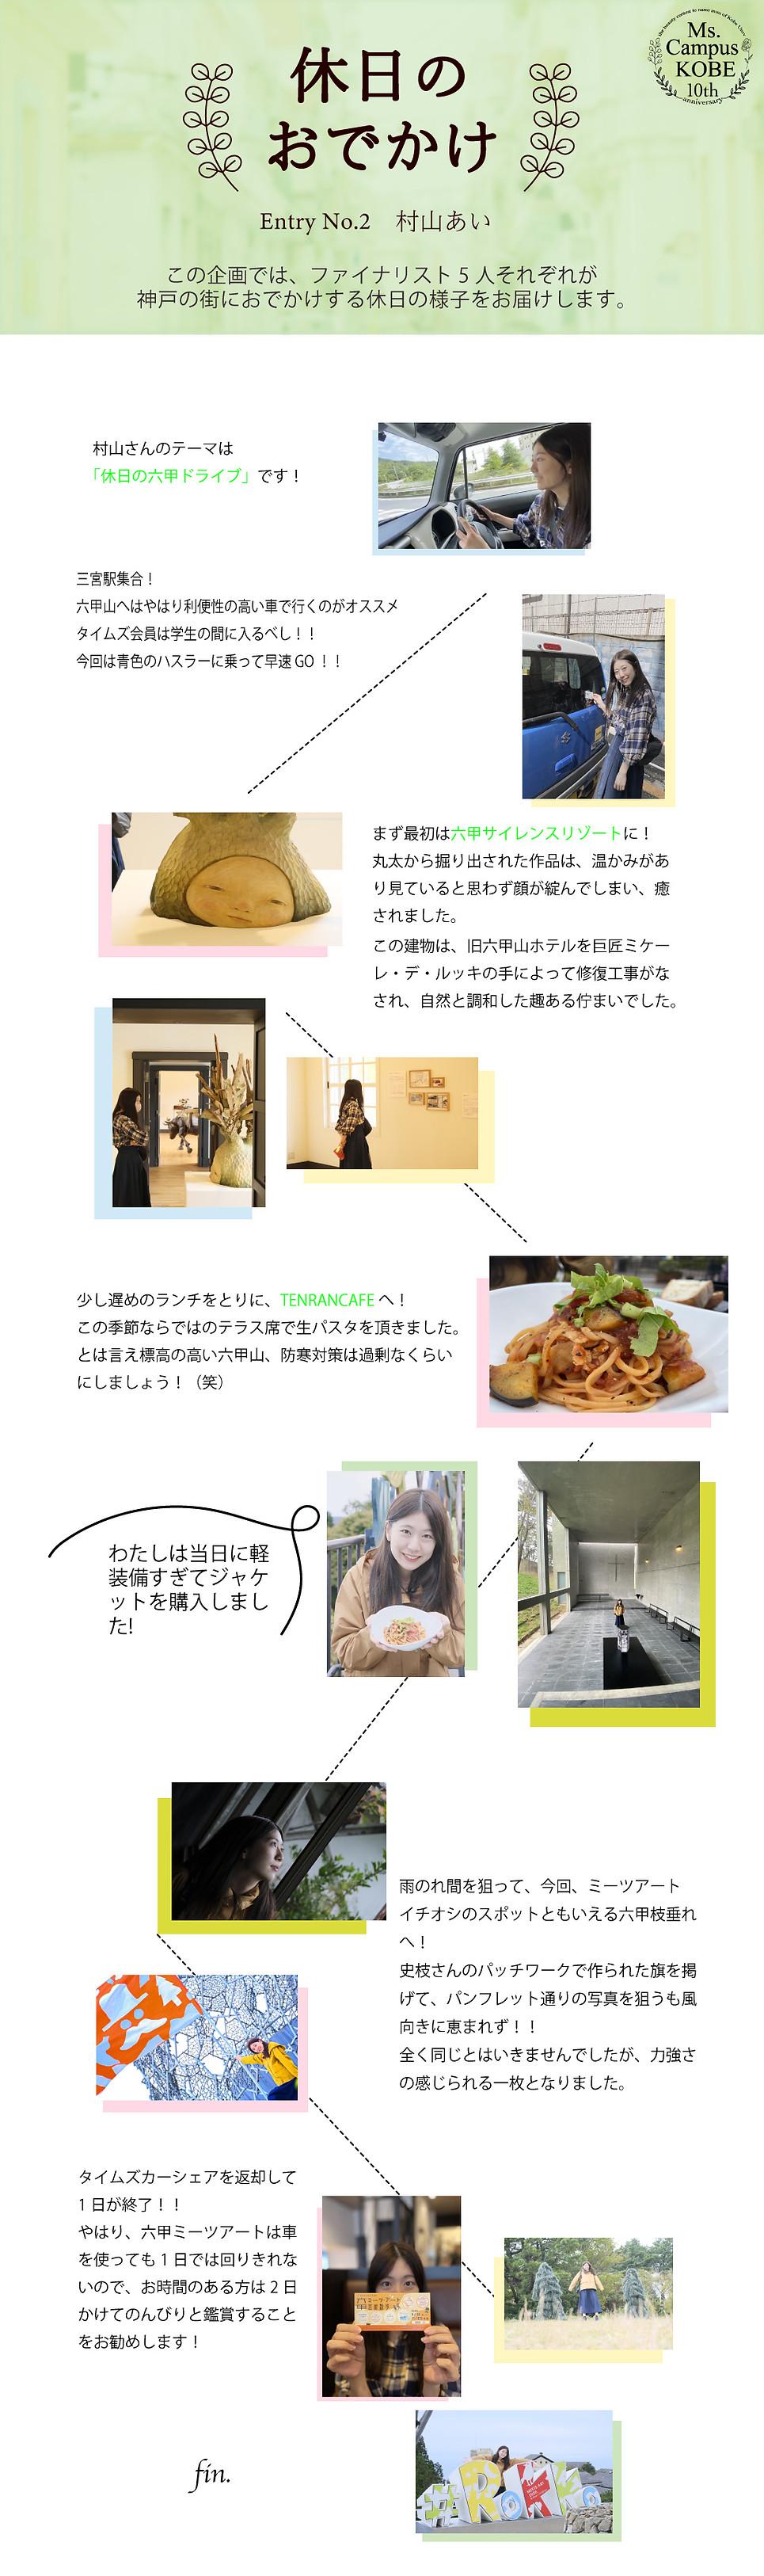 企画no.2.jpg